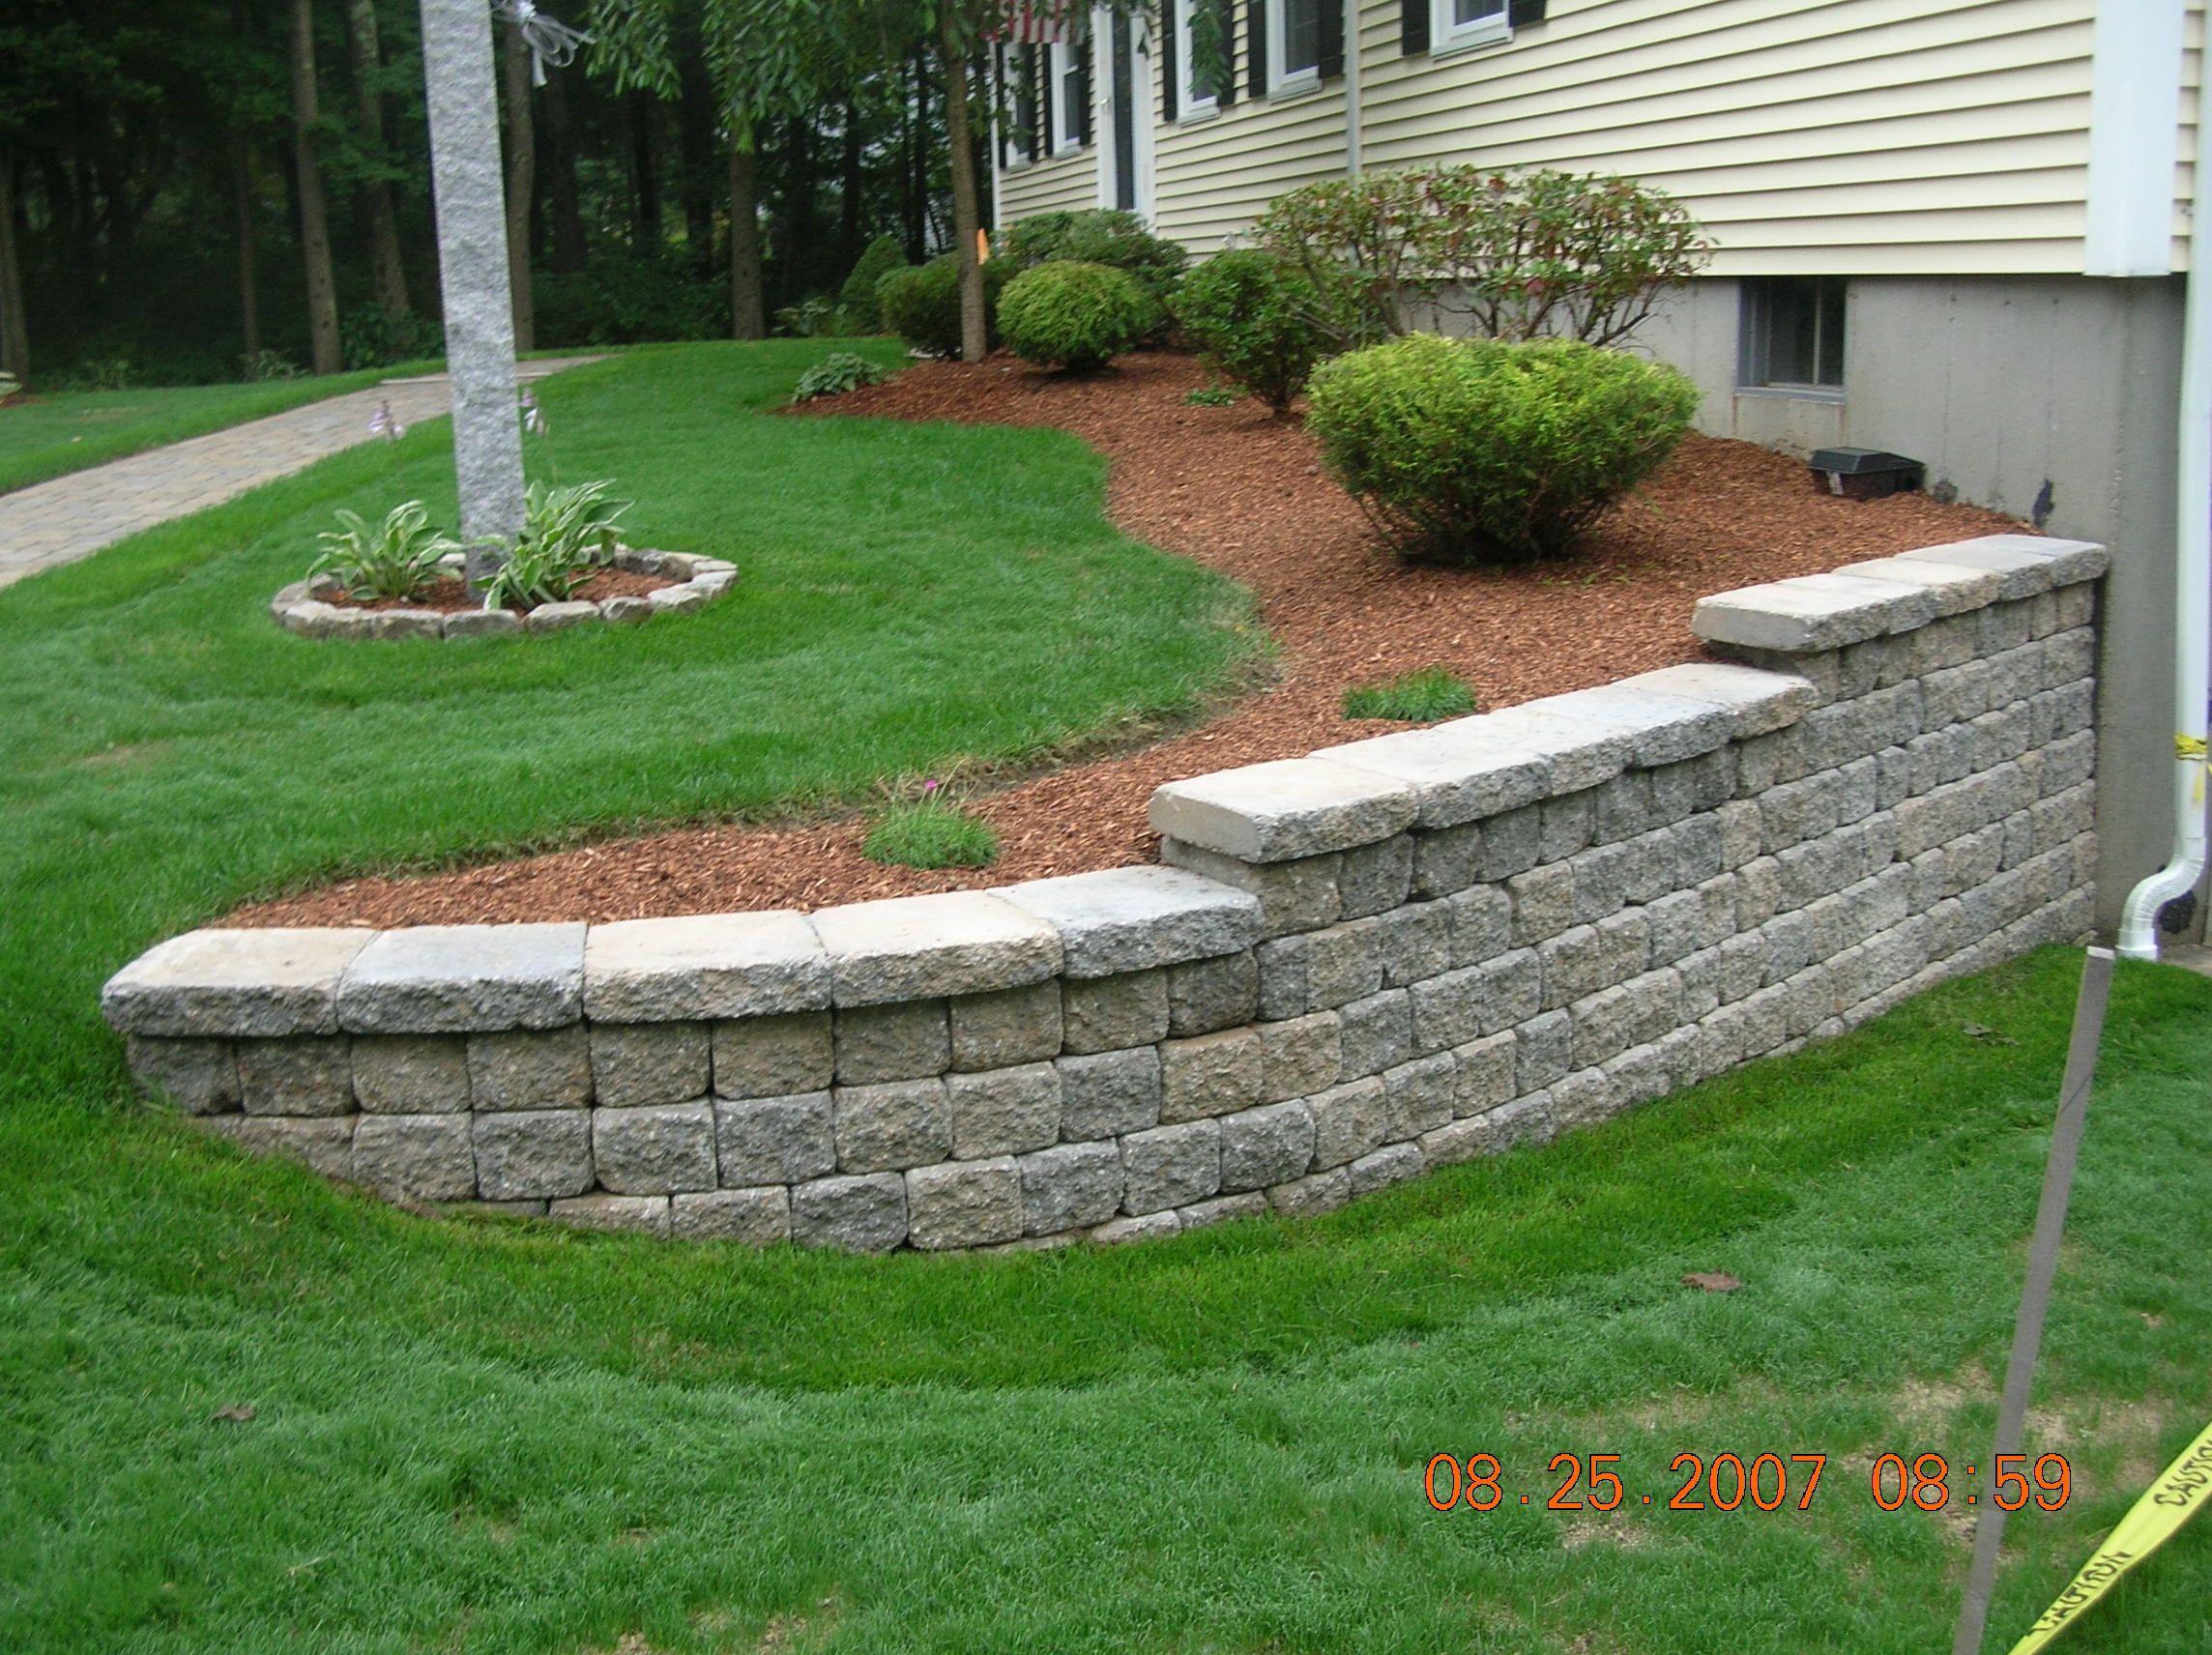 superb wall landscaping #2 landscape